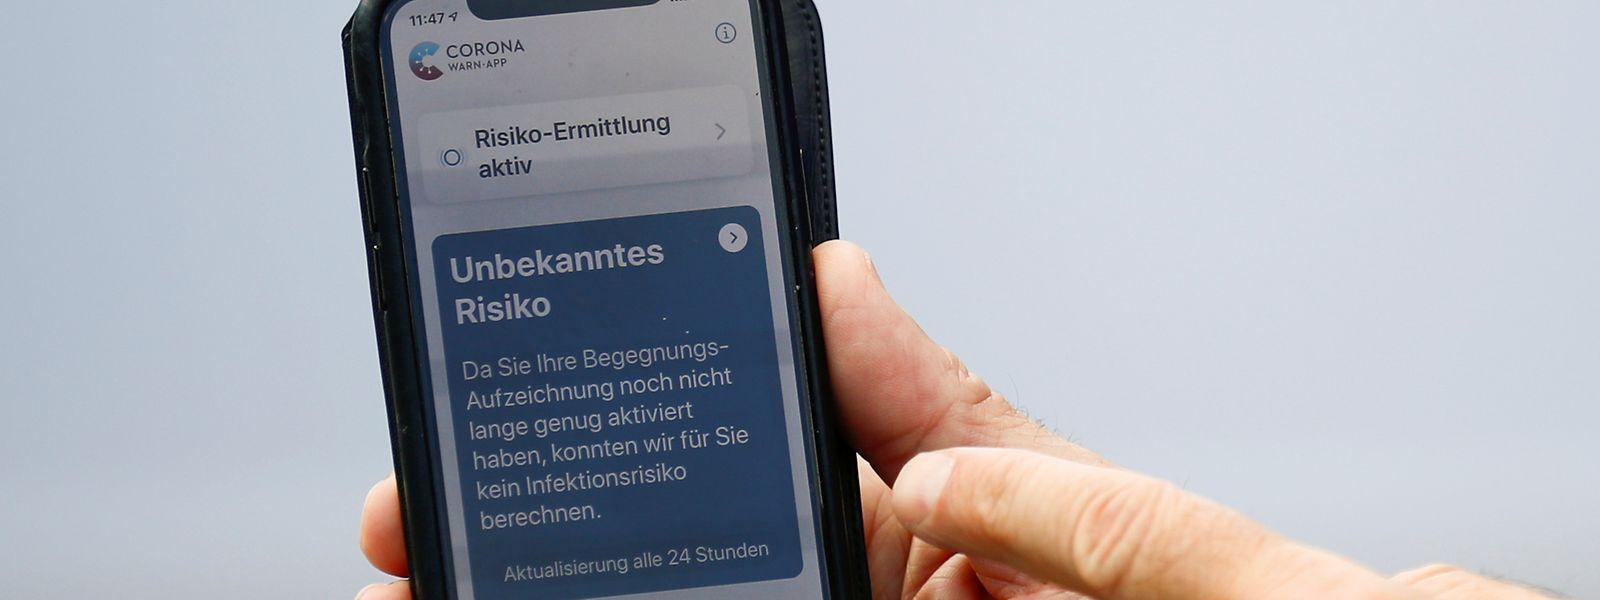 Die deutsche Corona-Warn-App ist seit letzter Woche auch in Luxemburg erhältlich.